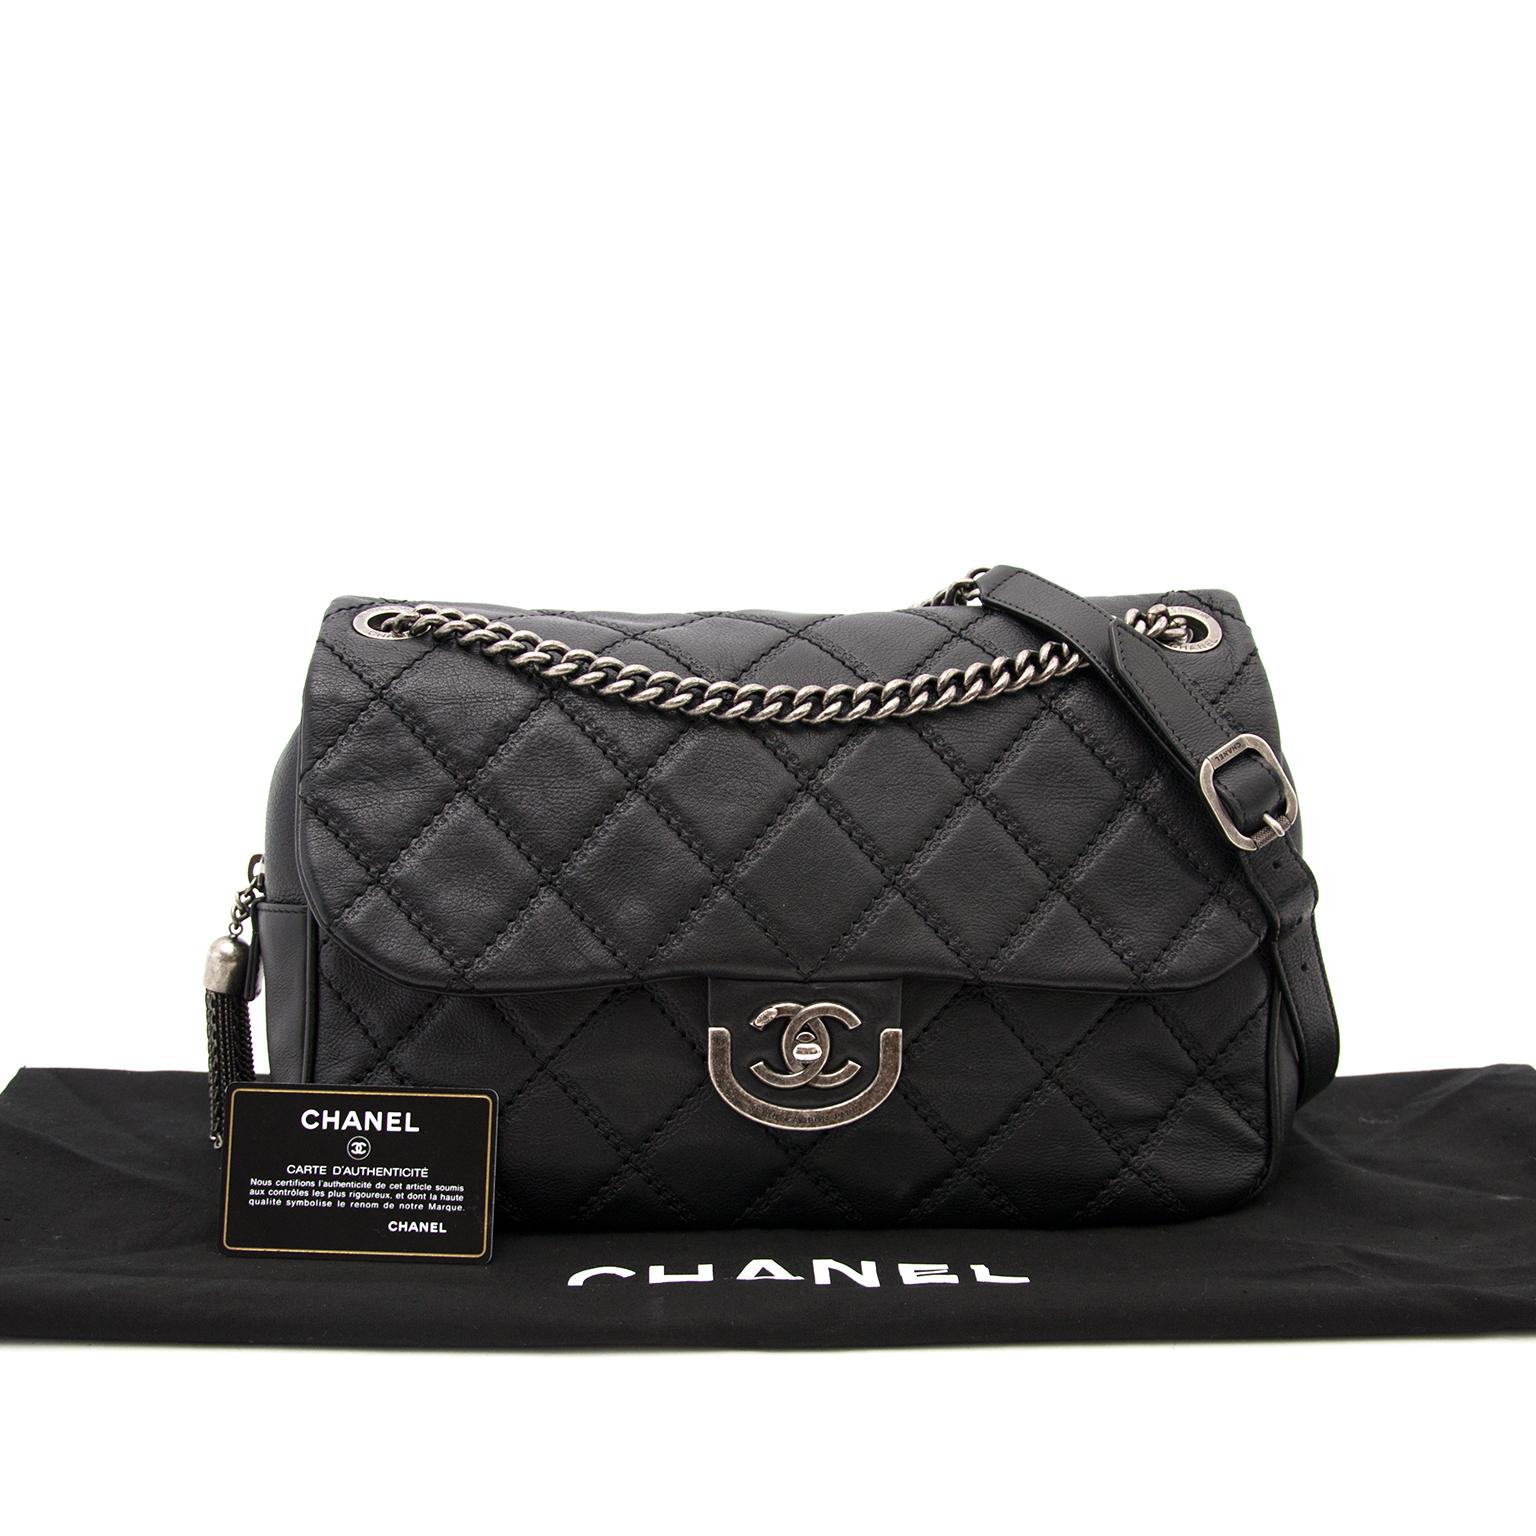 Labellov Shop safe online  authentic vintage Chanel clothes, bags ... f99cb41748